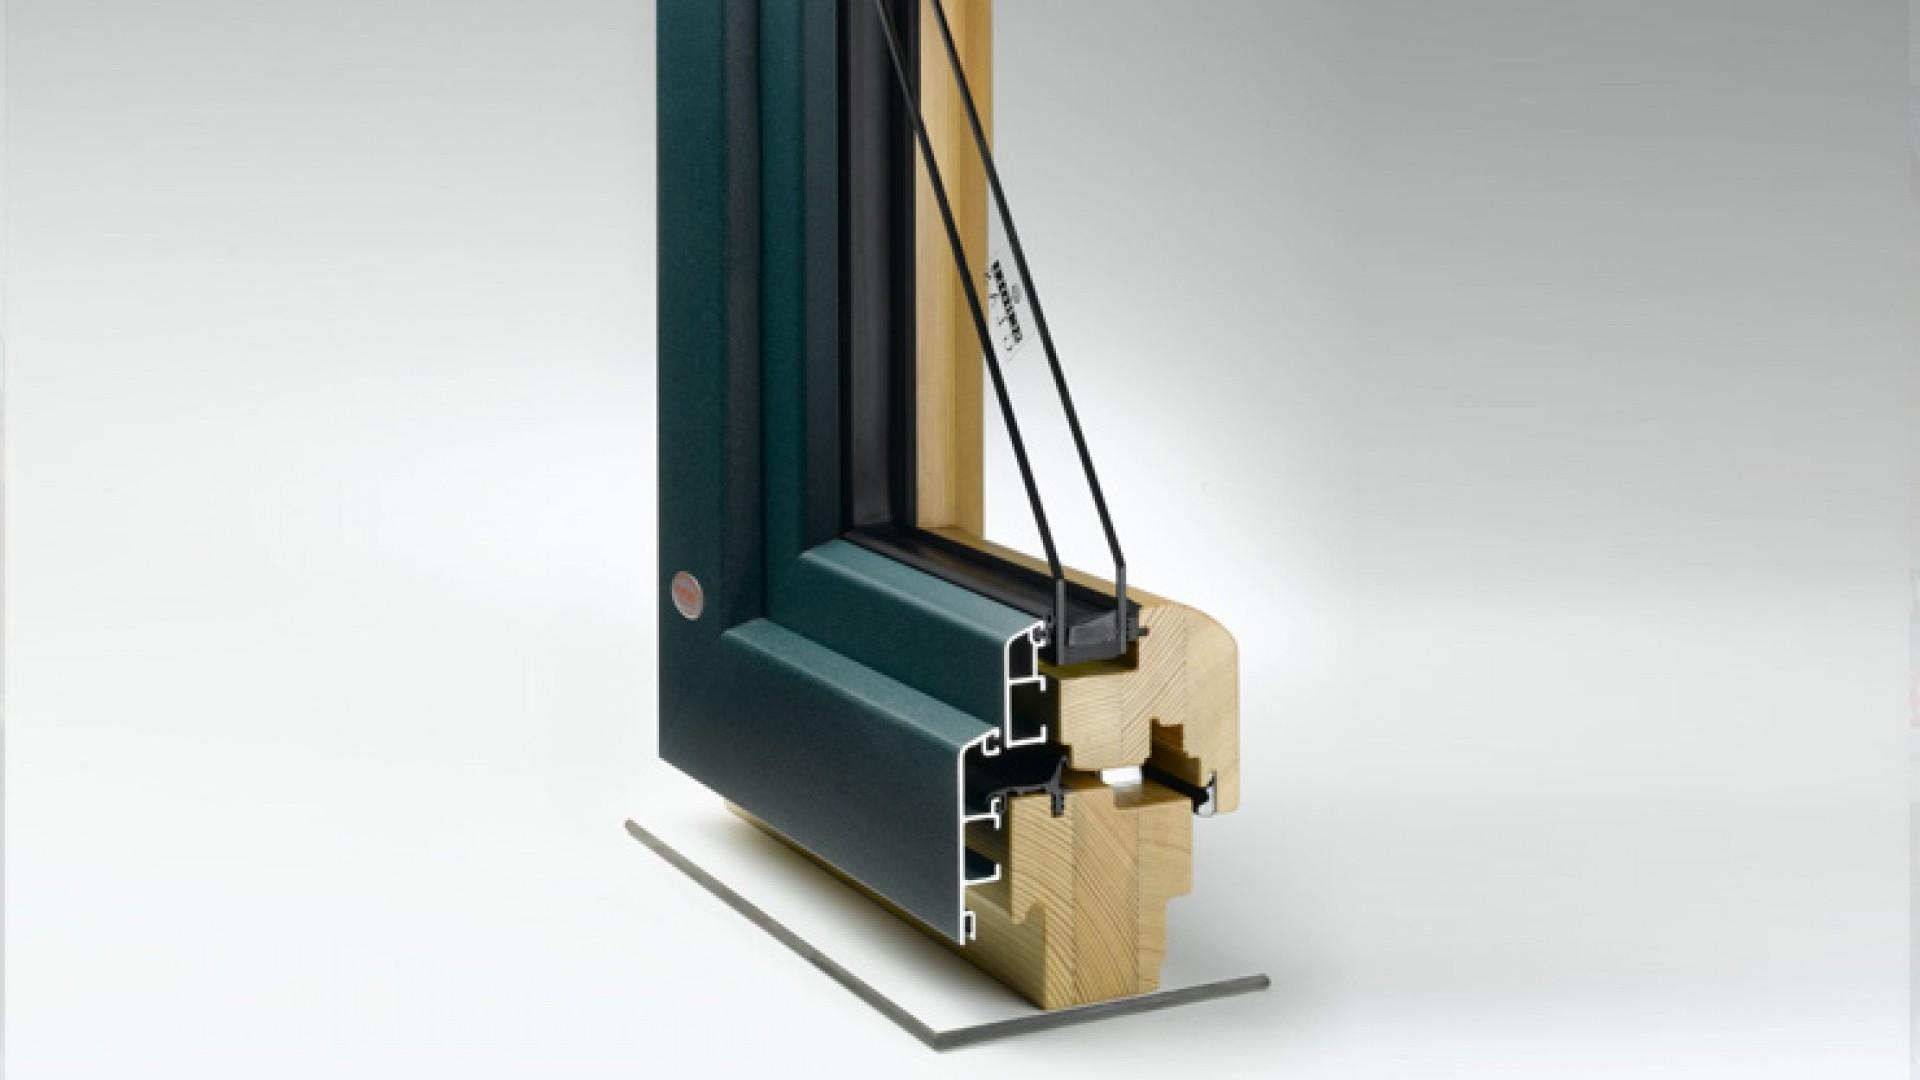 Fenster Holz Aluminium Test ~ fenster holz aluminium fenster holz aluminium fenster kein anderes